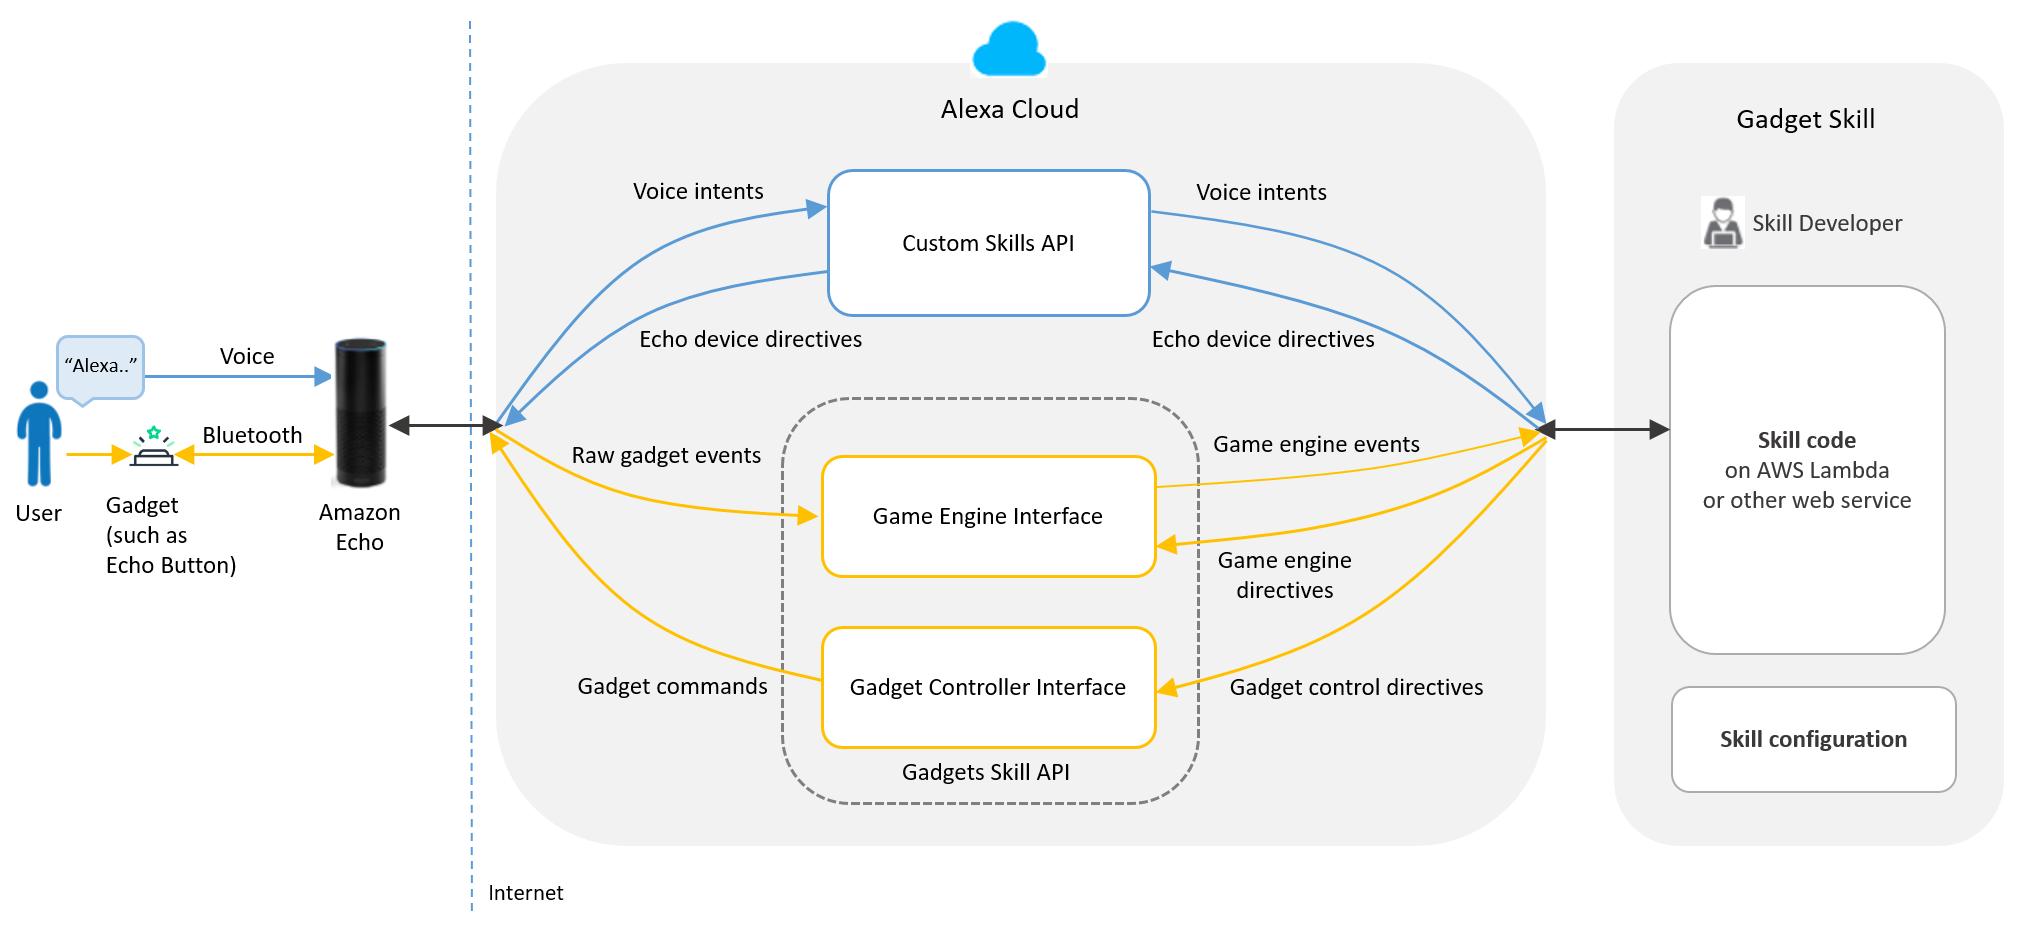 Gadget skills api overview  tth  cy3chlbnvl